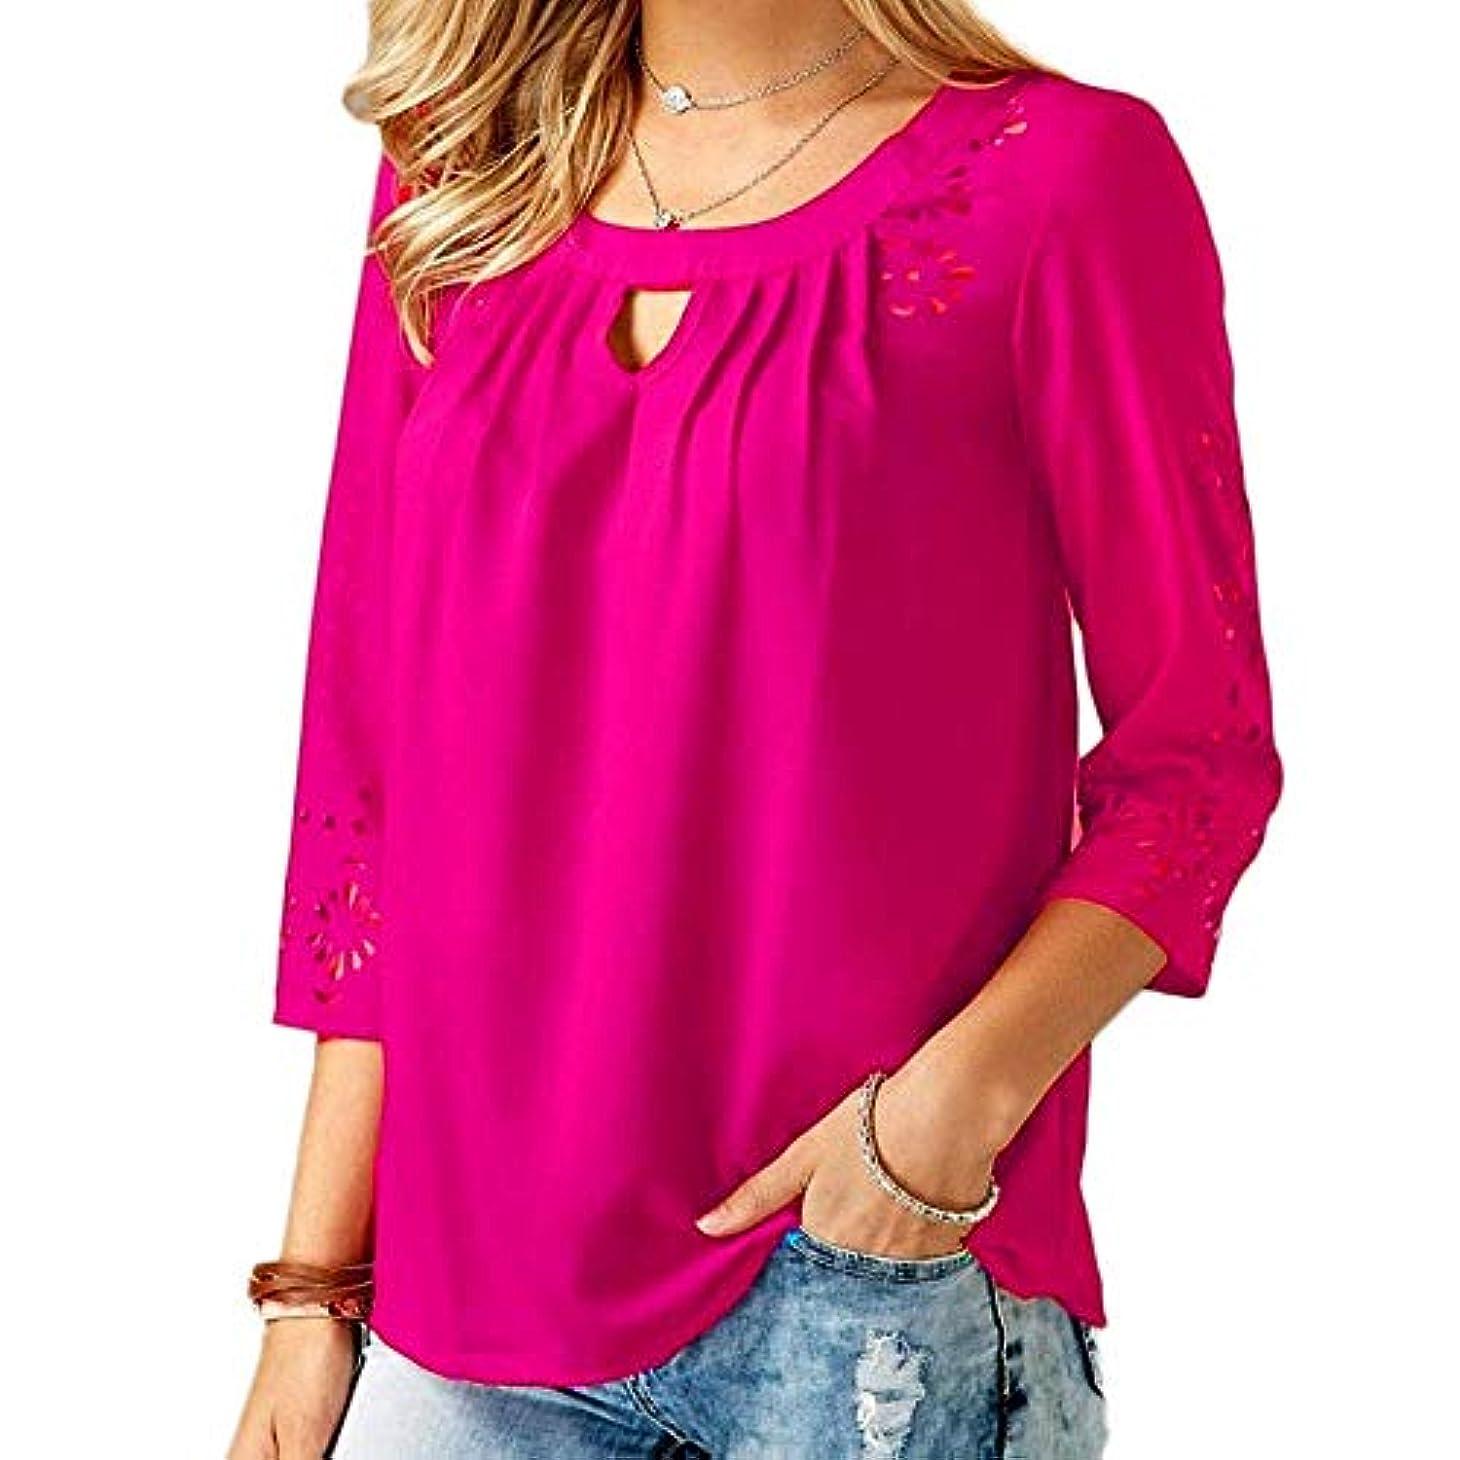 一次掘る証明書MIFAN ゆったりTシャツ、シフォンシャツ、カジュアルシャツ、女性トップ、プラスサイズトップ